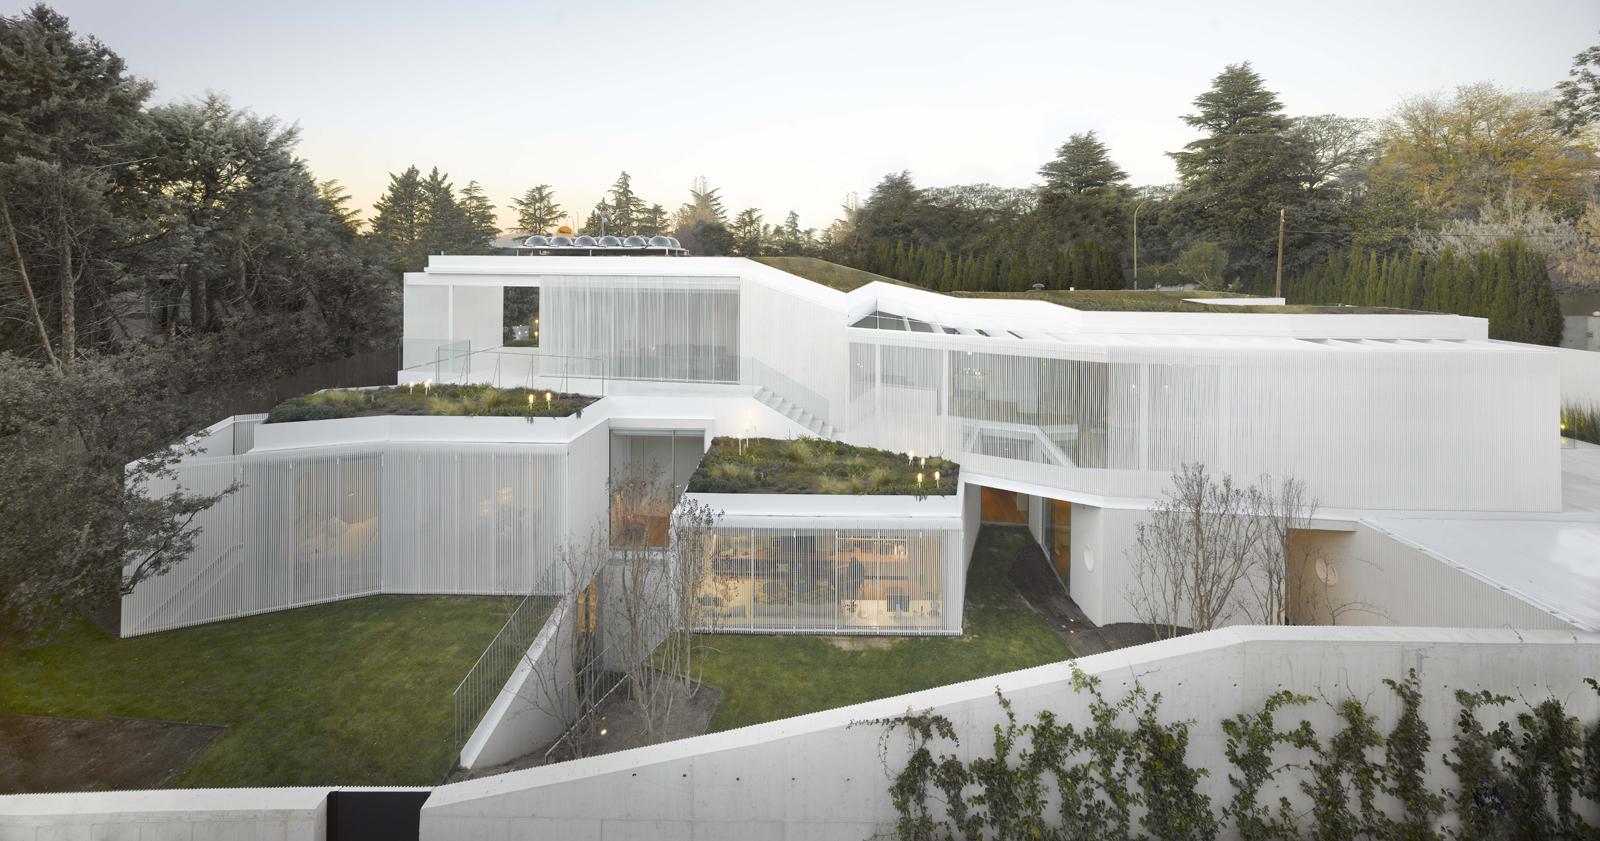 Casas de ensue o la vivienda del futuro est en madrid - Casas de ensueno ...